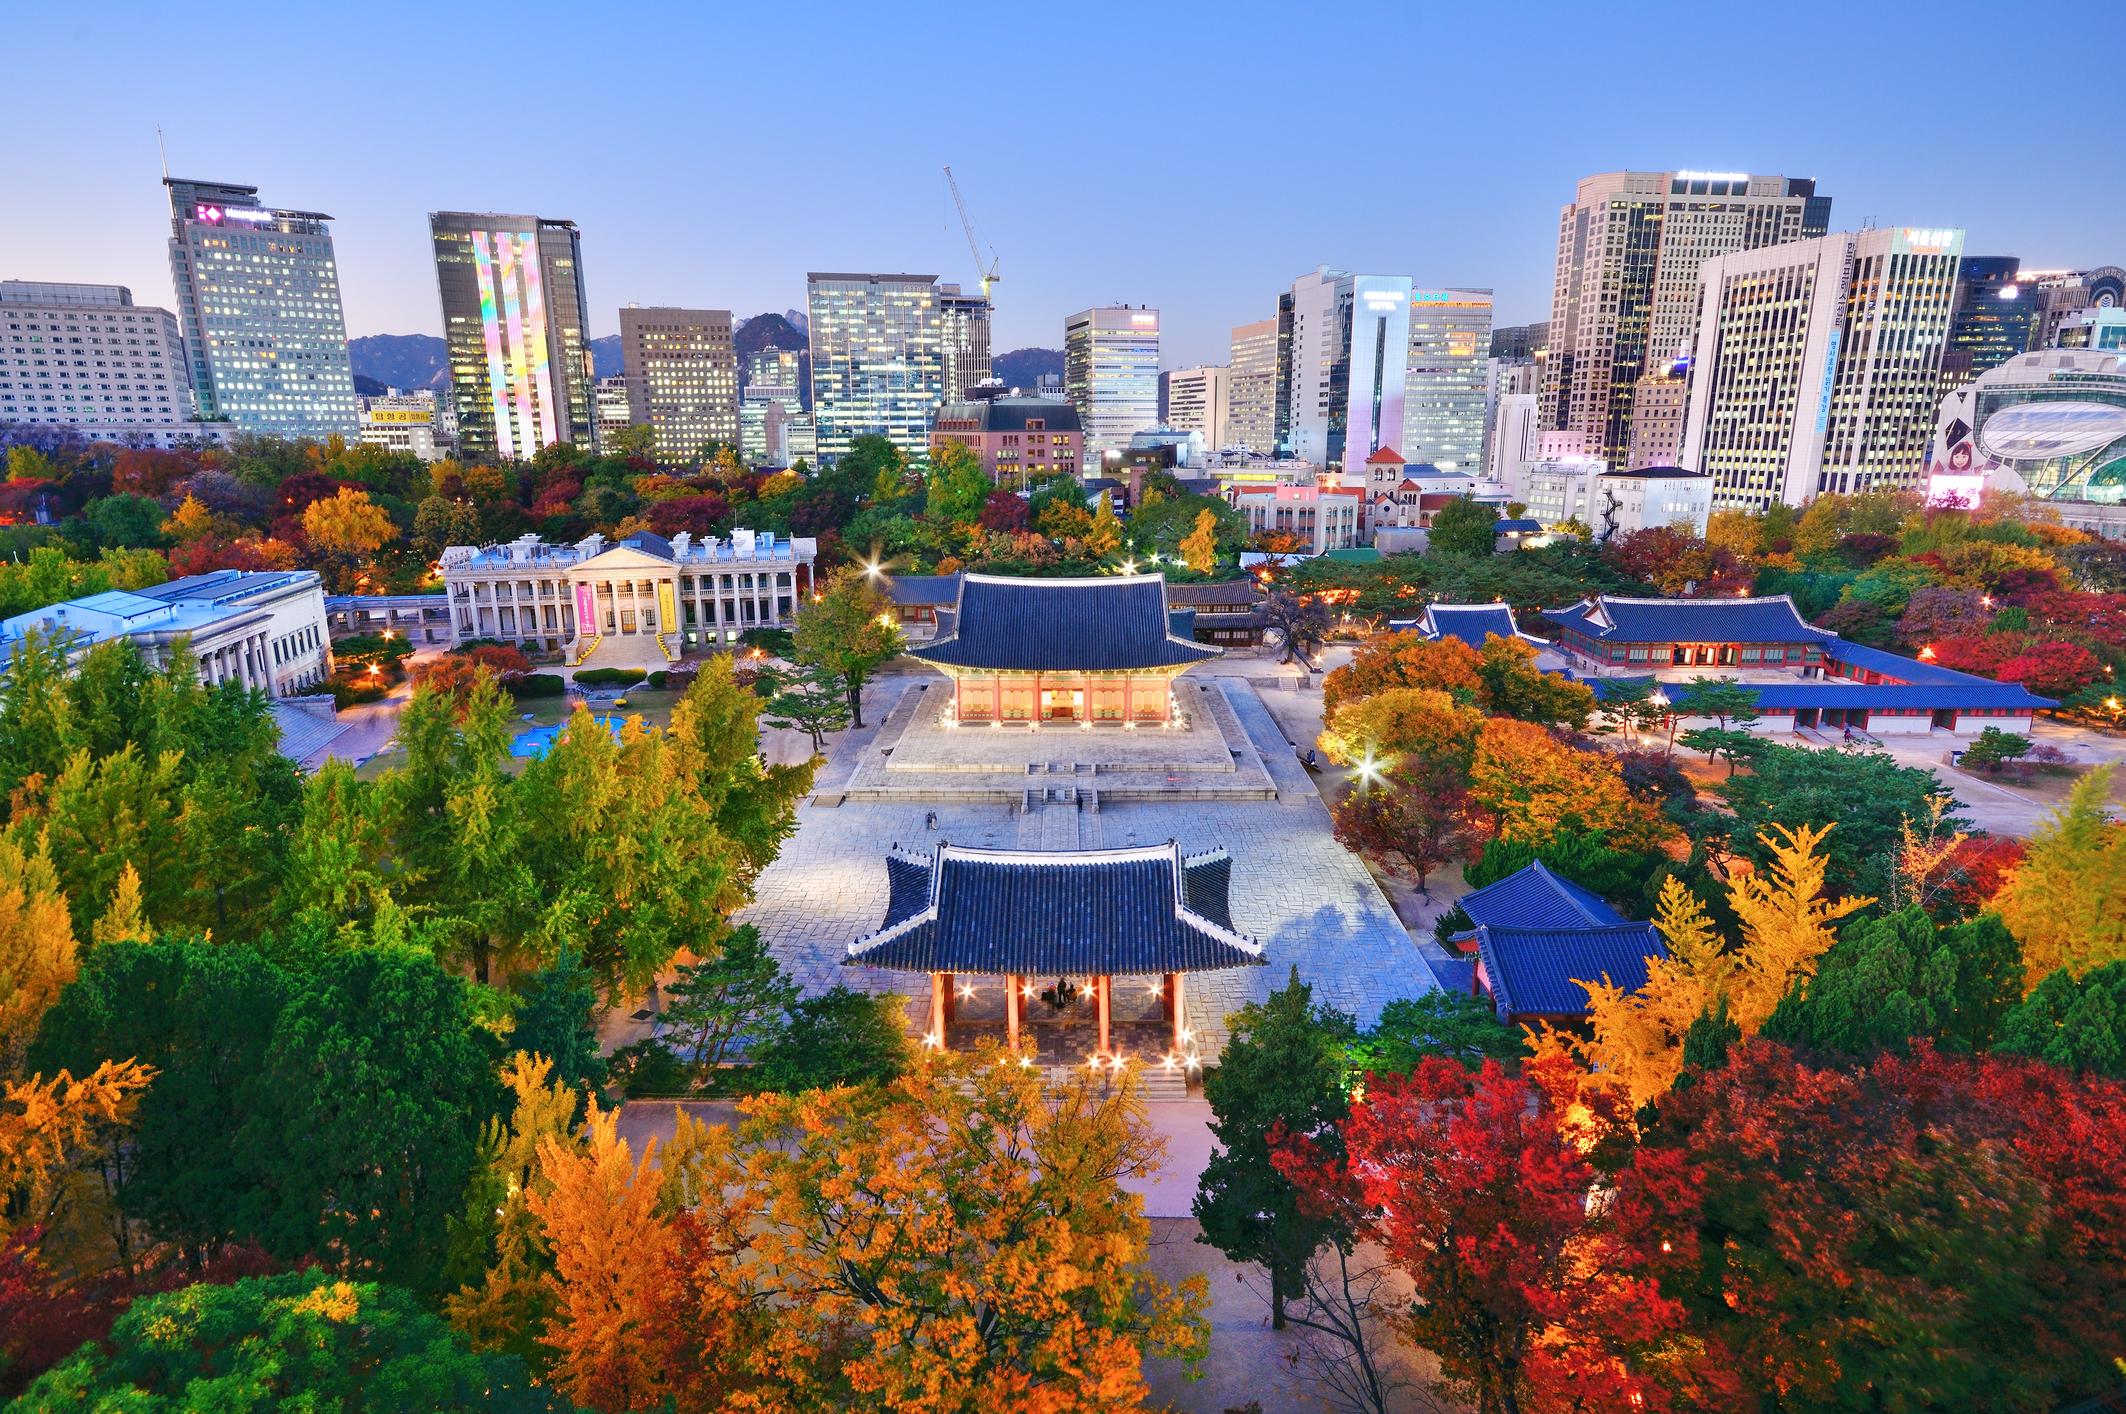 ทัวร์เกาหลี โซล อาซาน ถนนอุโมงค์แป๊ะก๊วย สวนยางจูนาริ